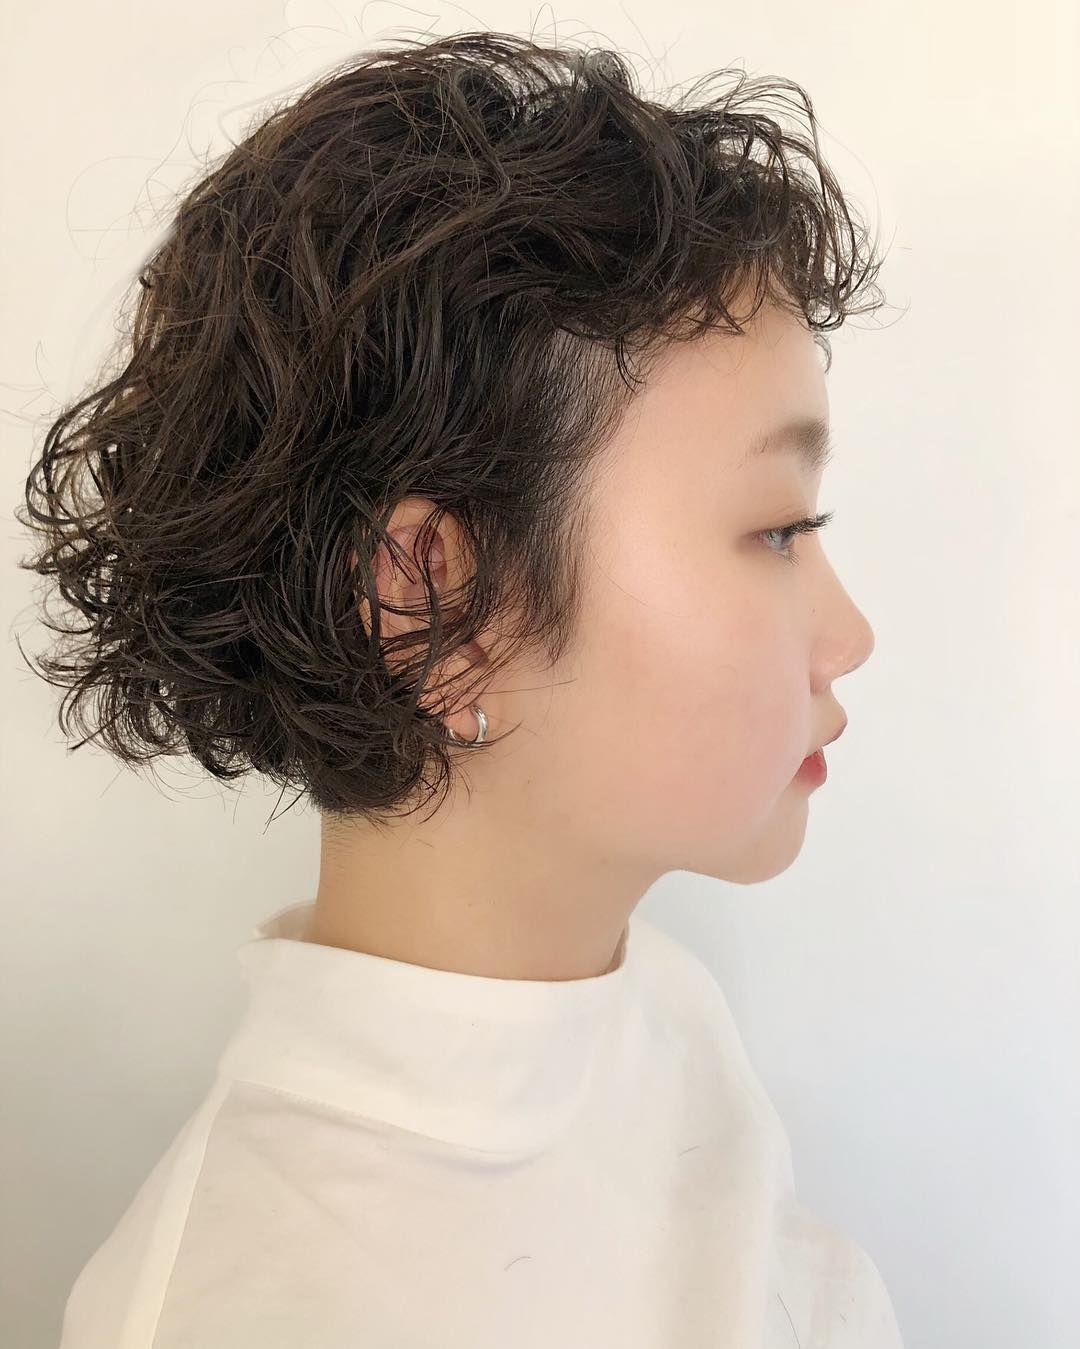 サトーマリ On Instagram くるくるパーマボブ 前髪もクルクルっとパーマをかけて お手入れ簡単なレトロスタイル 根元からパーマをしっかりかけてるから ヘアセットは 水で濡らしてスタイリング剤を しっかり揉みこむだけ 朝のヘアアイロンもいらない